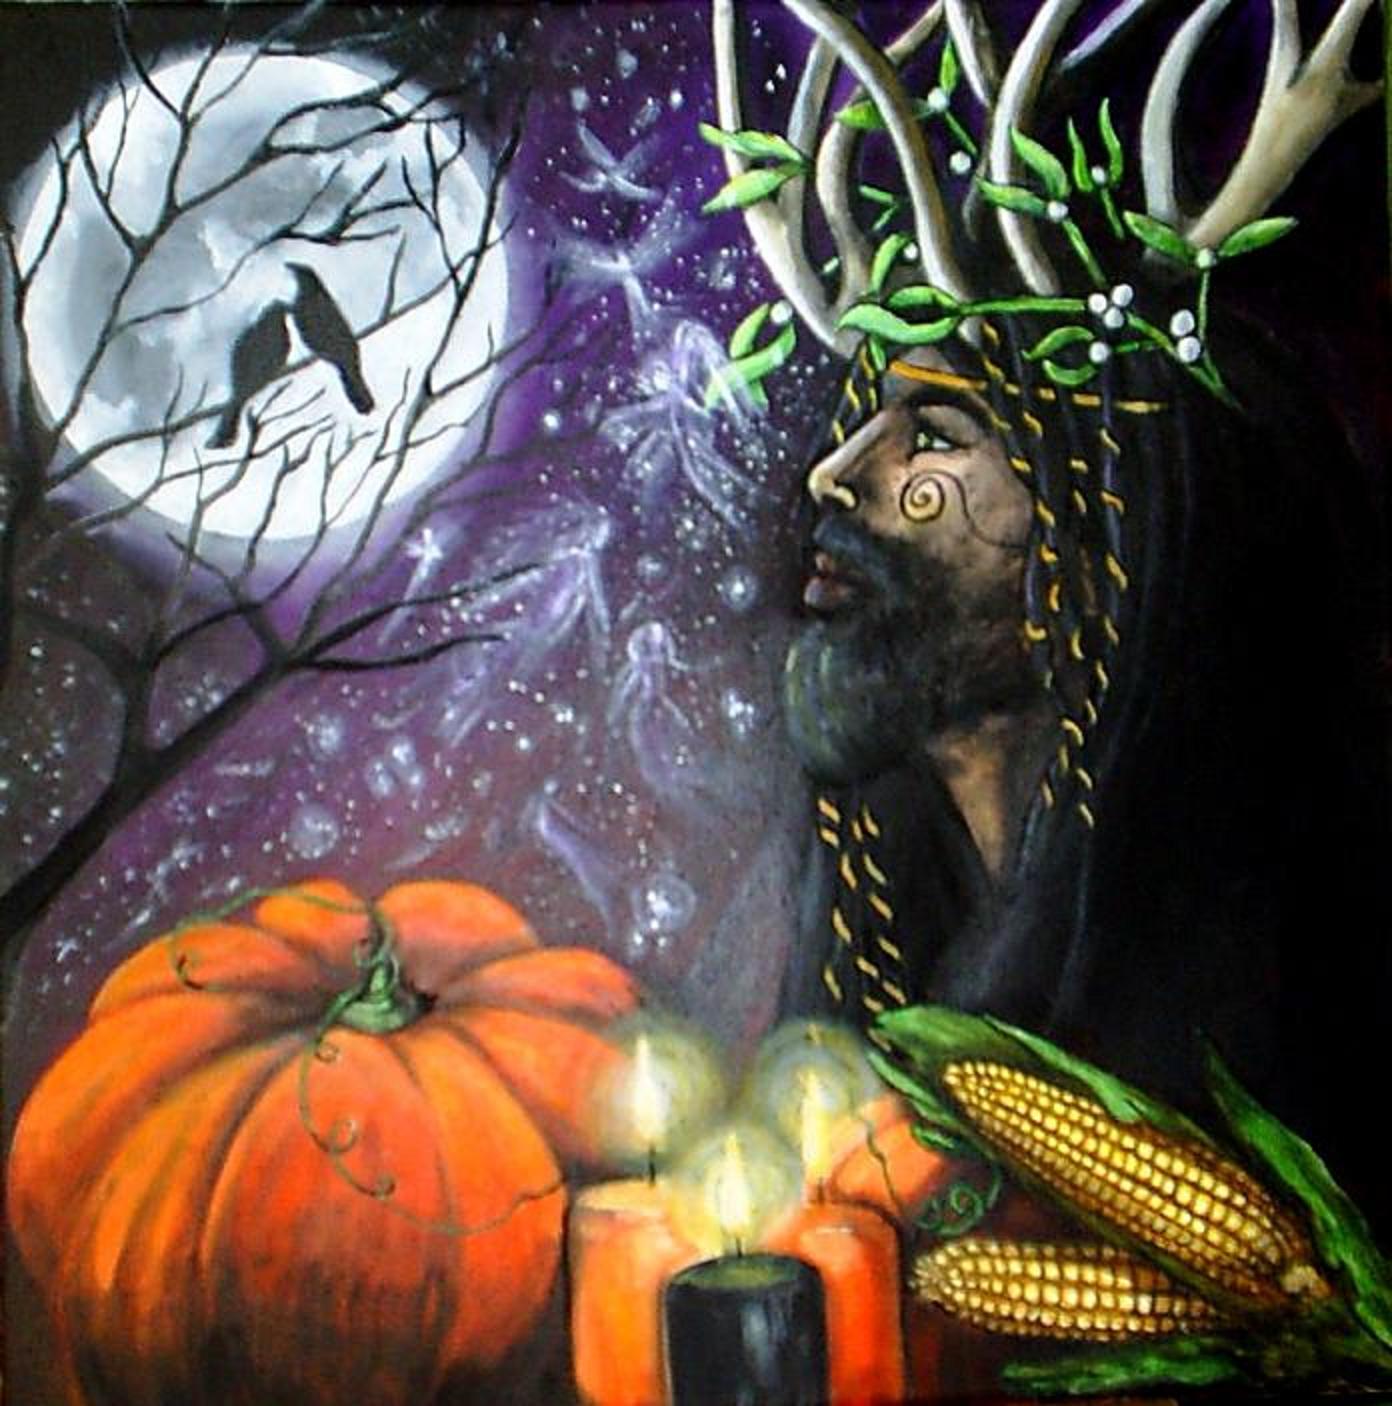 ¡Feliz Samhain! ¡Feliz Halloween!